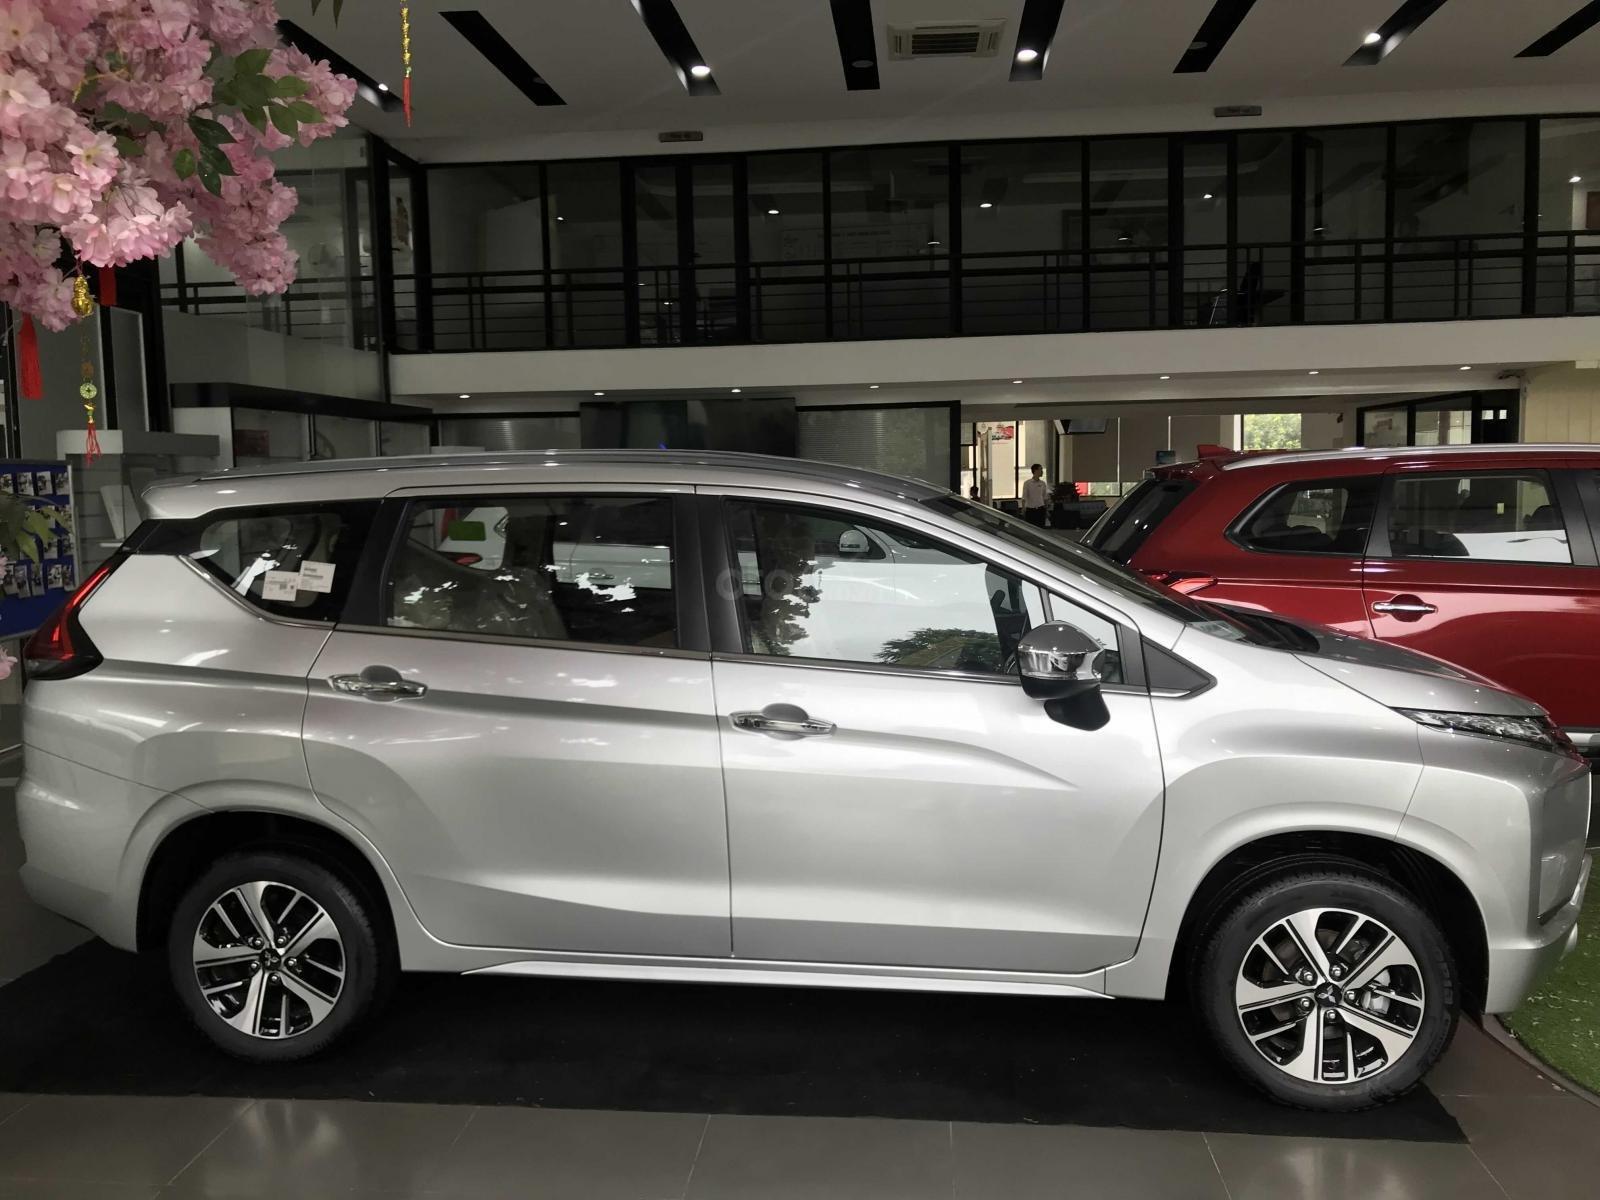 Bán xe Mitsubishi Xpander sản xuất 2019, màu bạc nhập khẩu giá 620 triệu tại Hà Nam. Hotline 0968.088.068 (1)